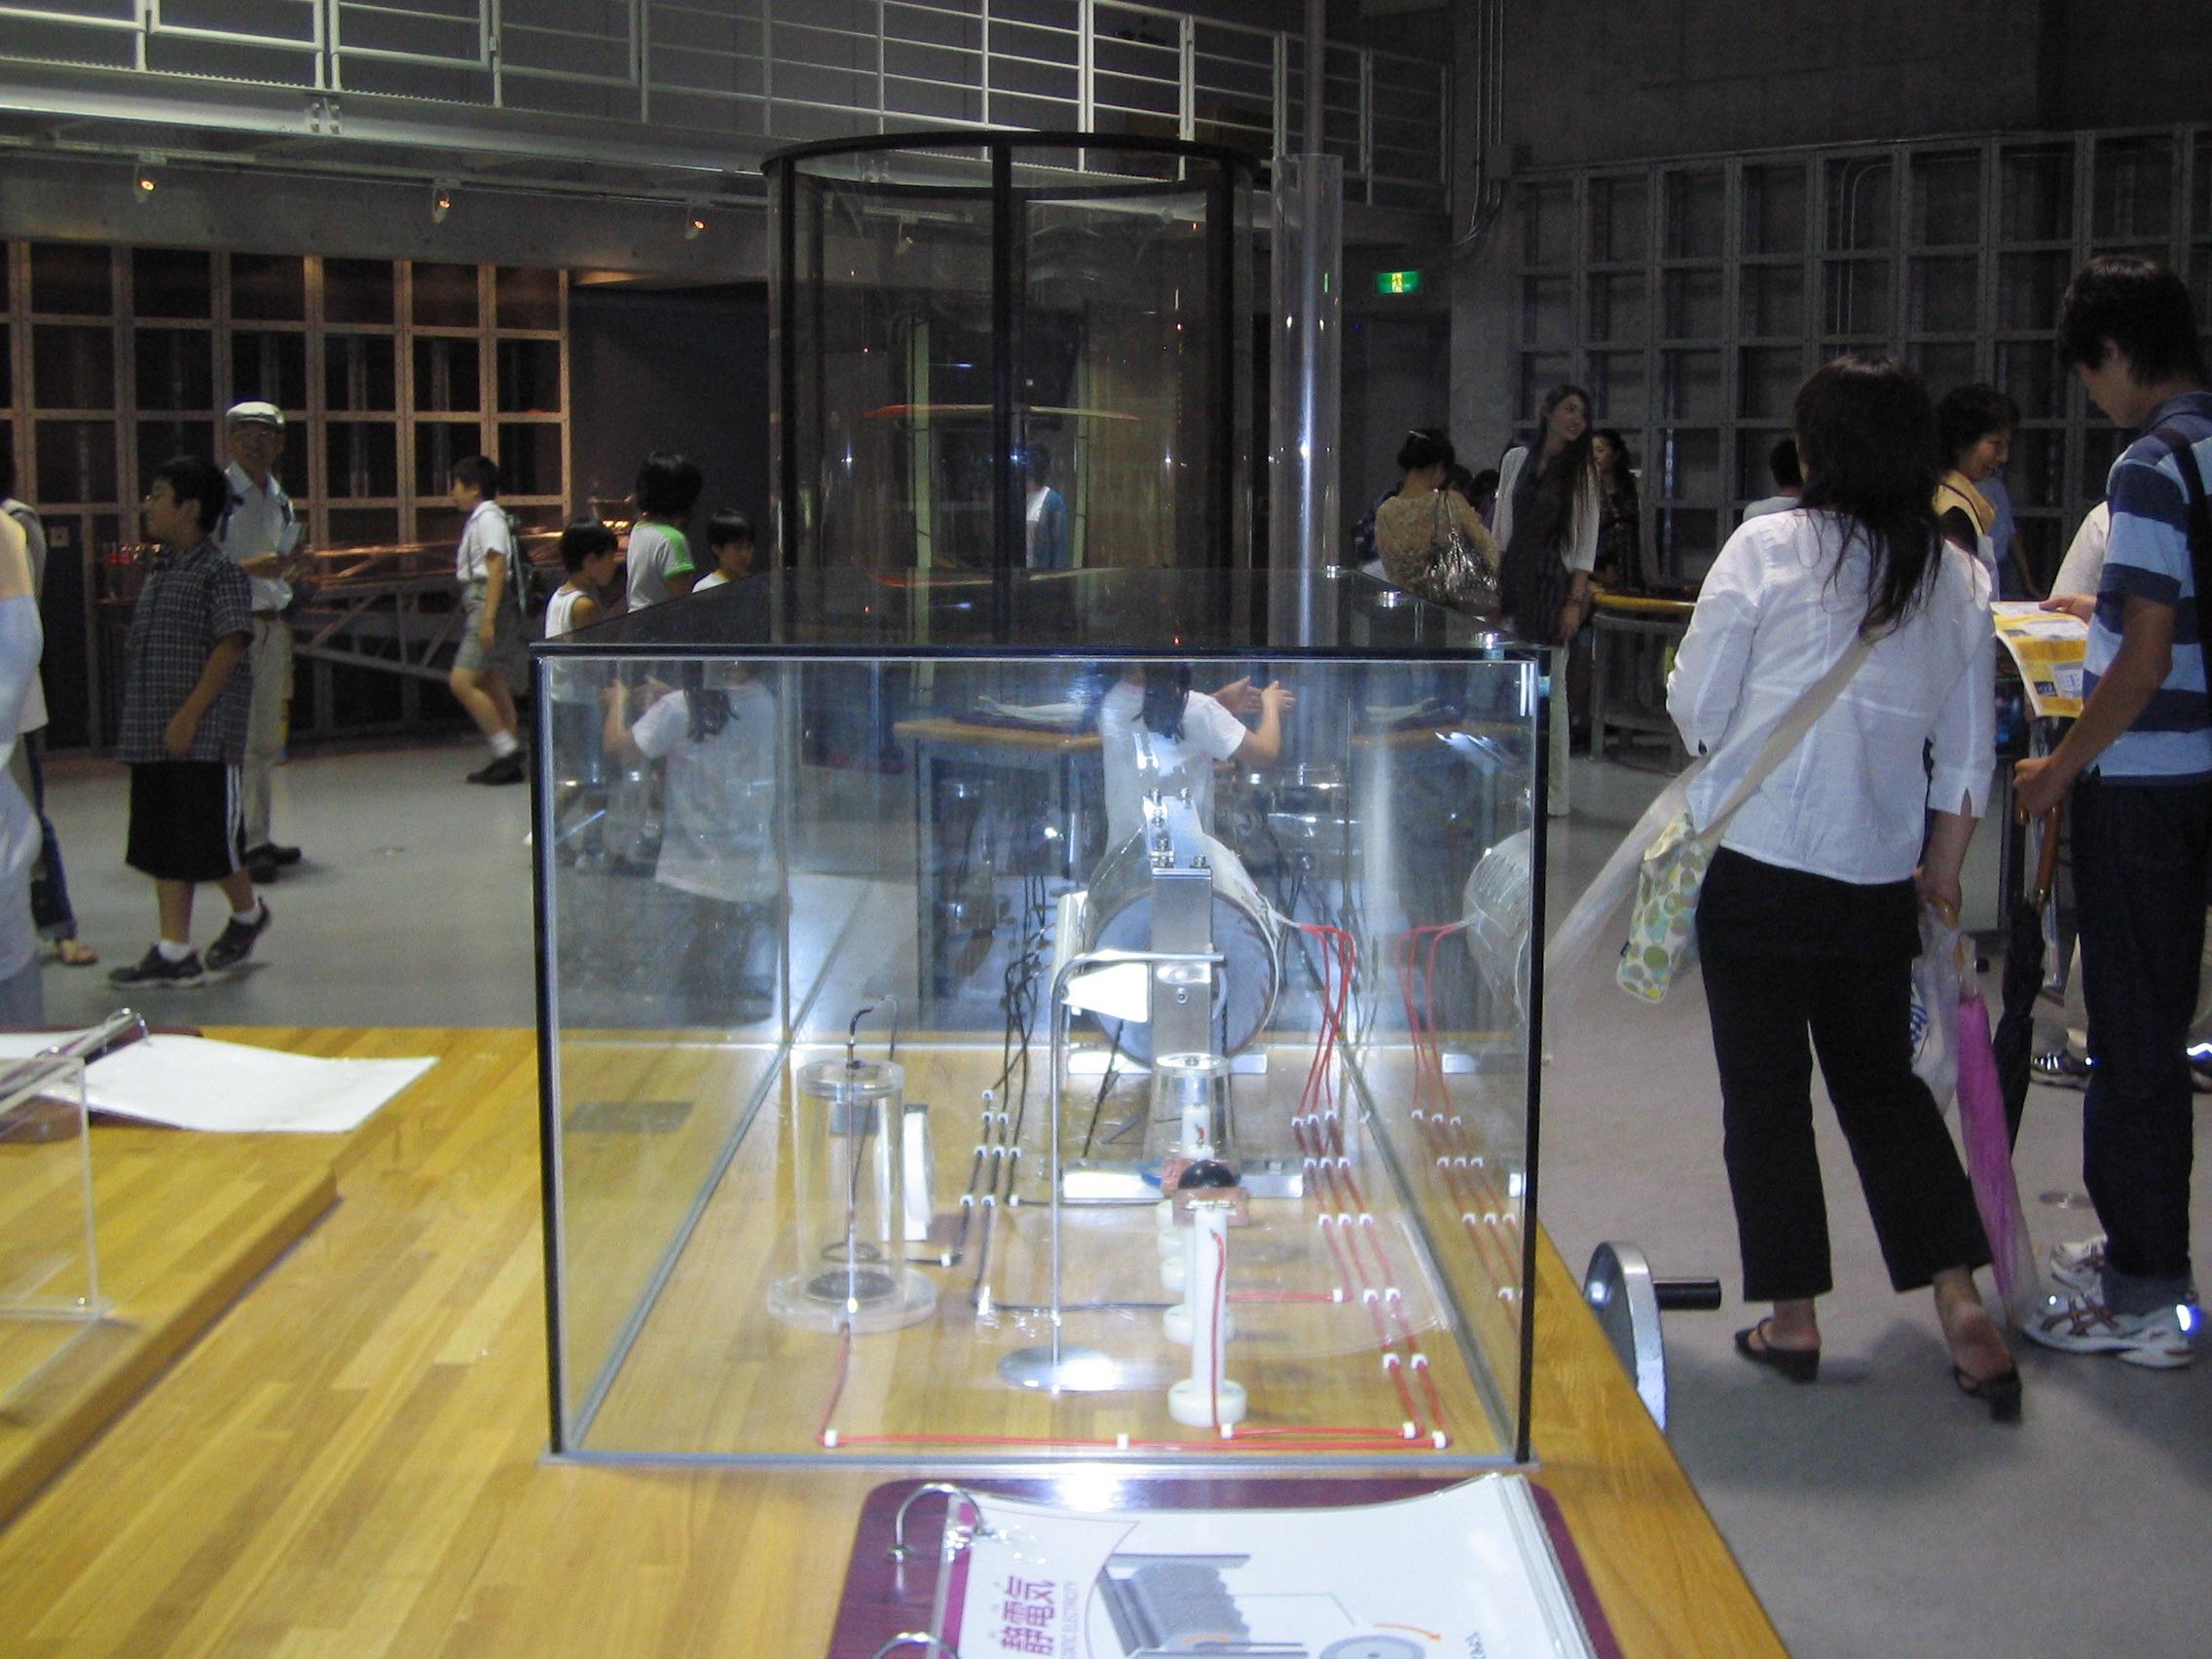 国立科学博物館 体験型展示